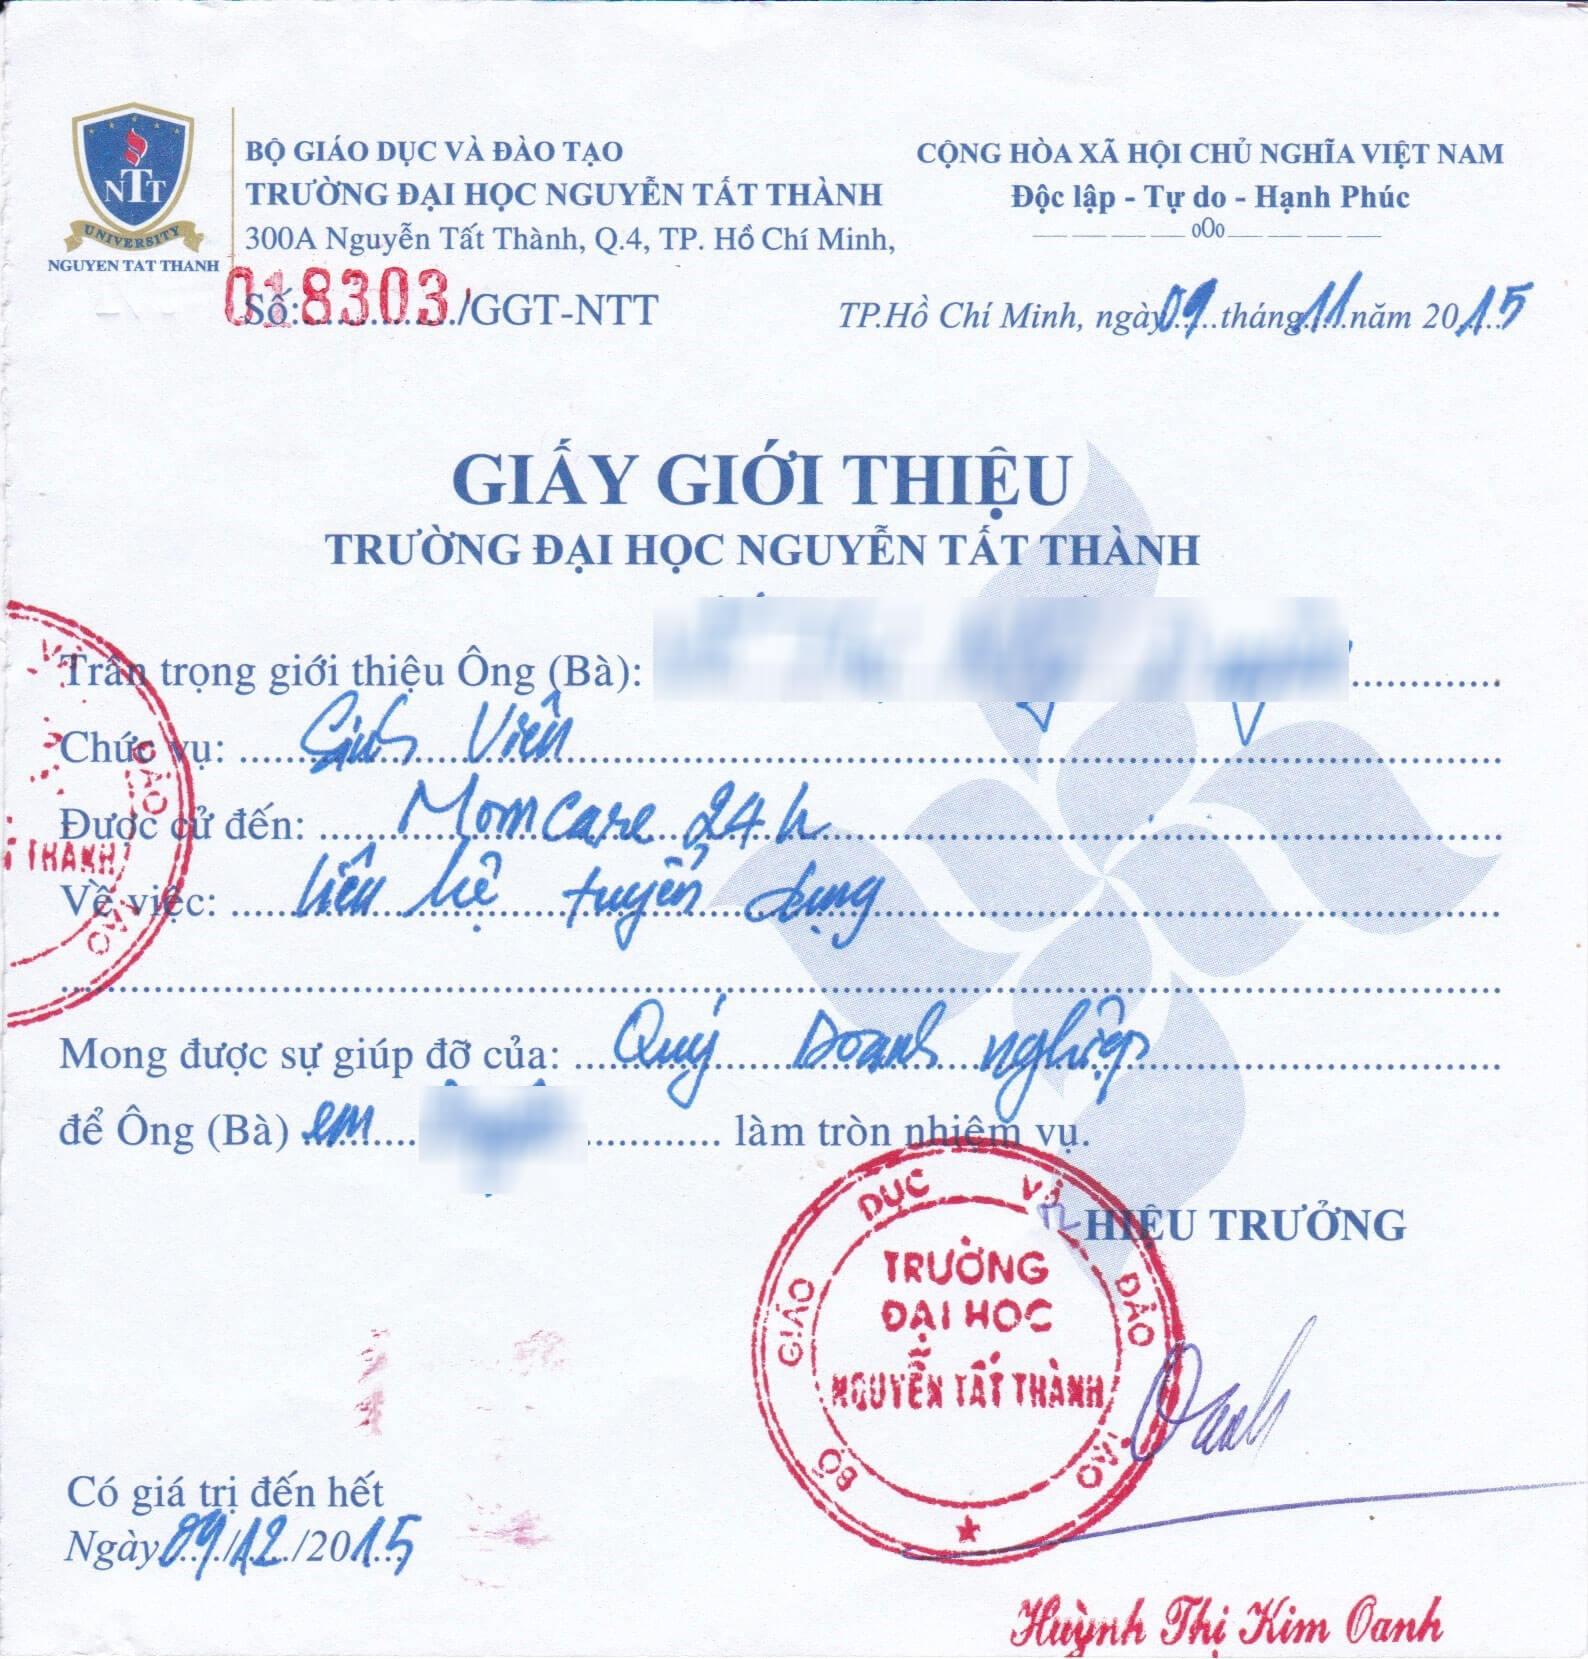 DH-Nguyen-Tat-Thanh-giay-gioi-thieu